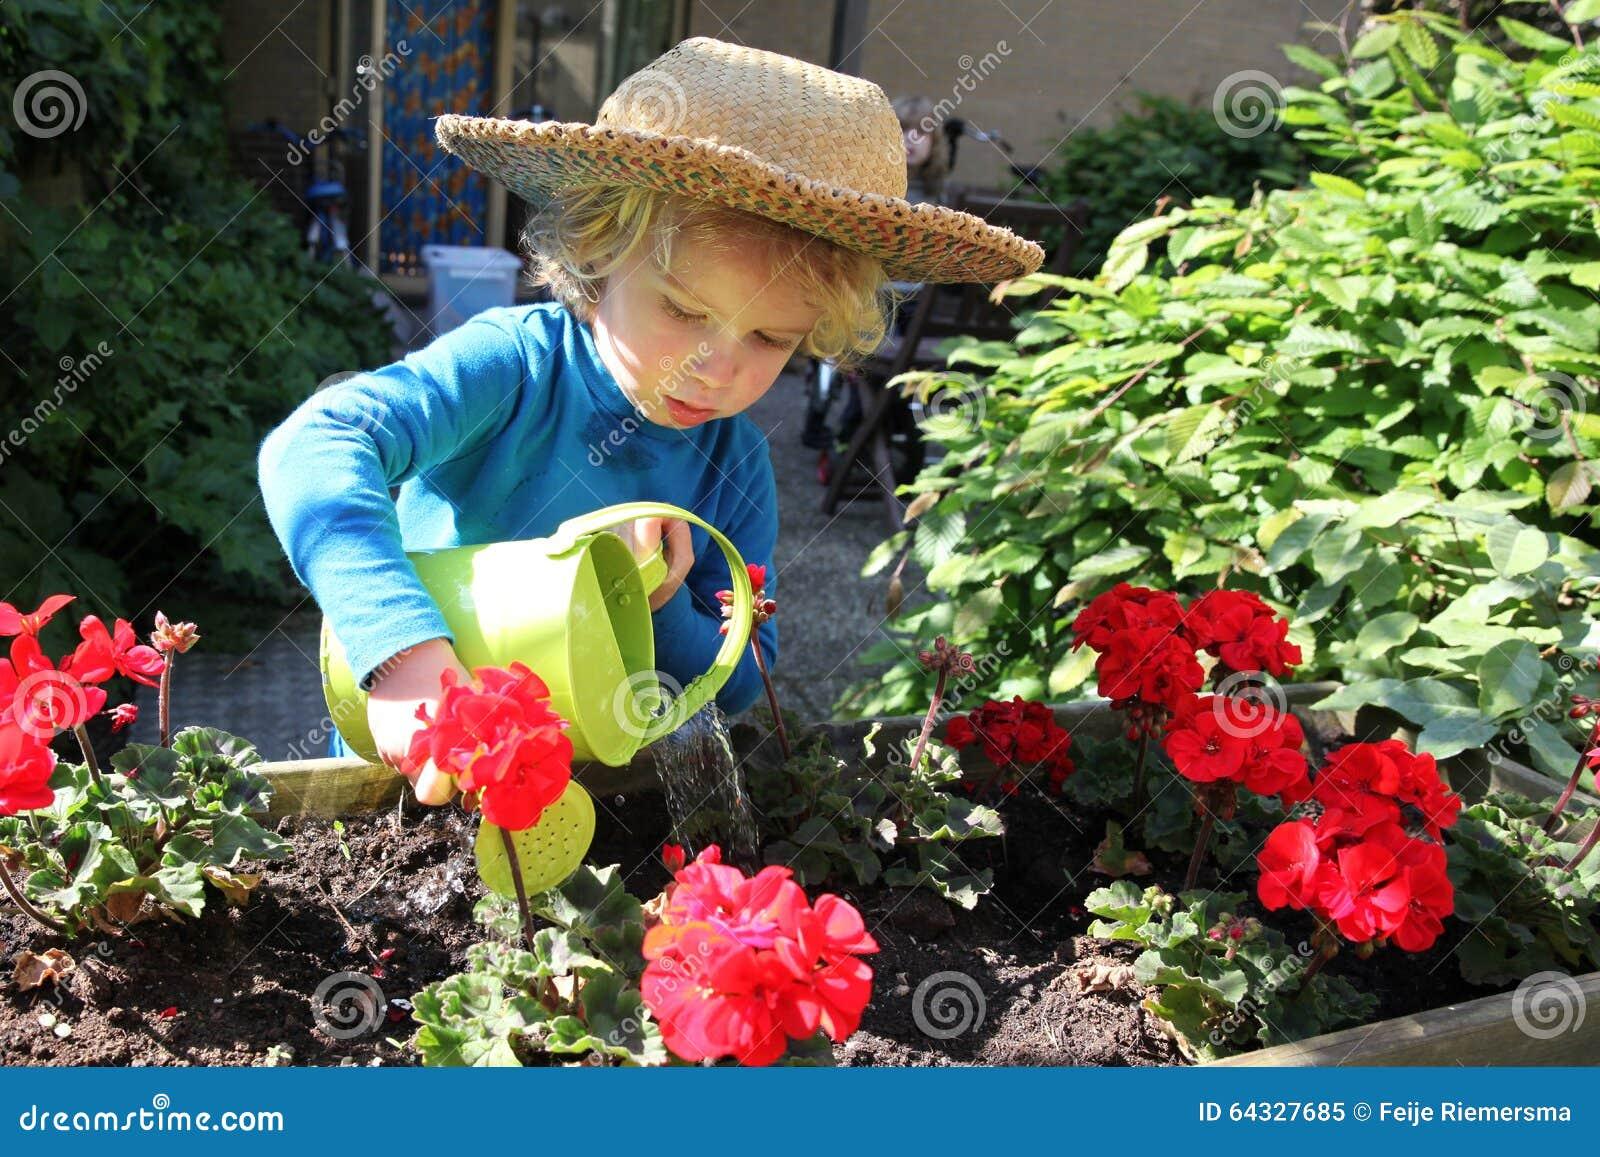 Enfant en bas ge arrosant les fleurs dans le jardin image for Fleurs dans le jardin